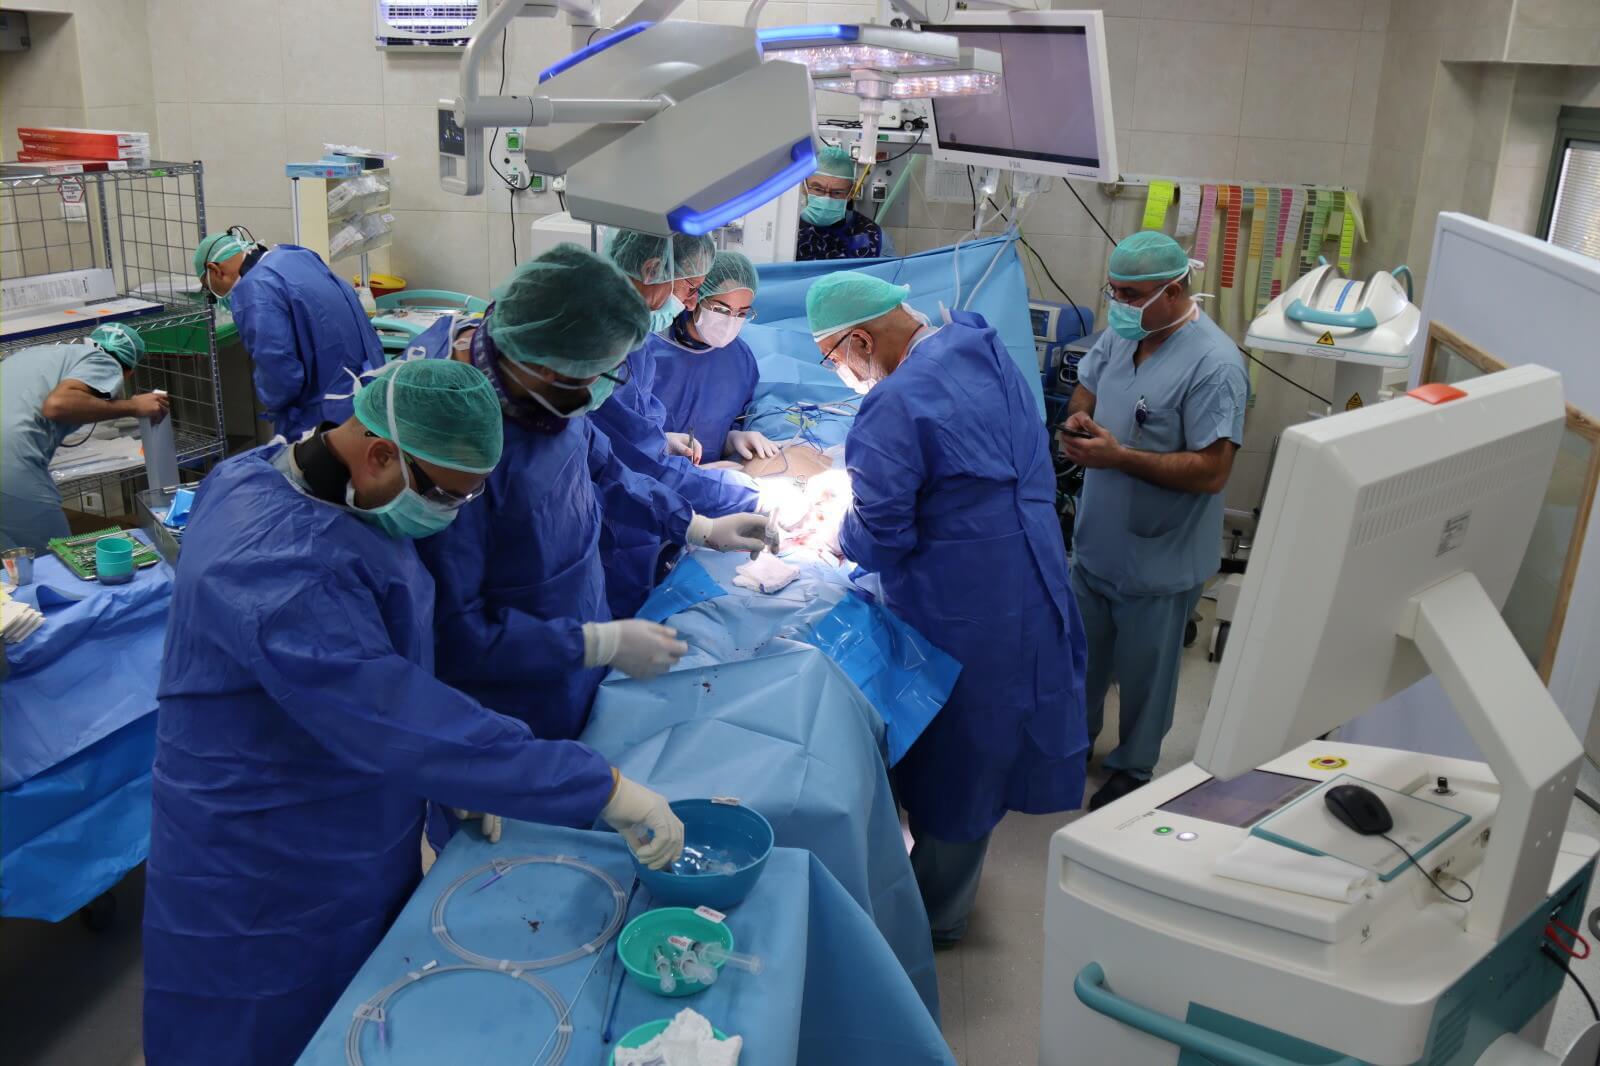 מהלך הניתוח צילום: זיו